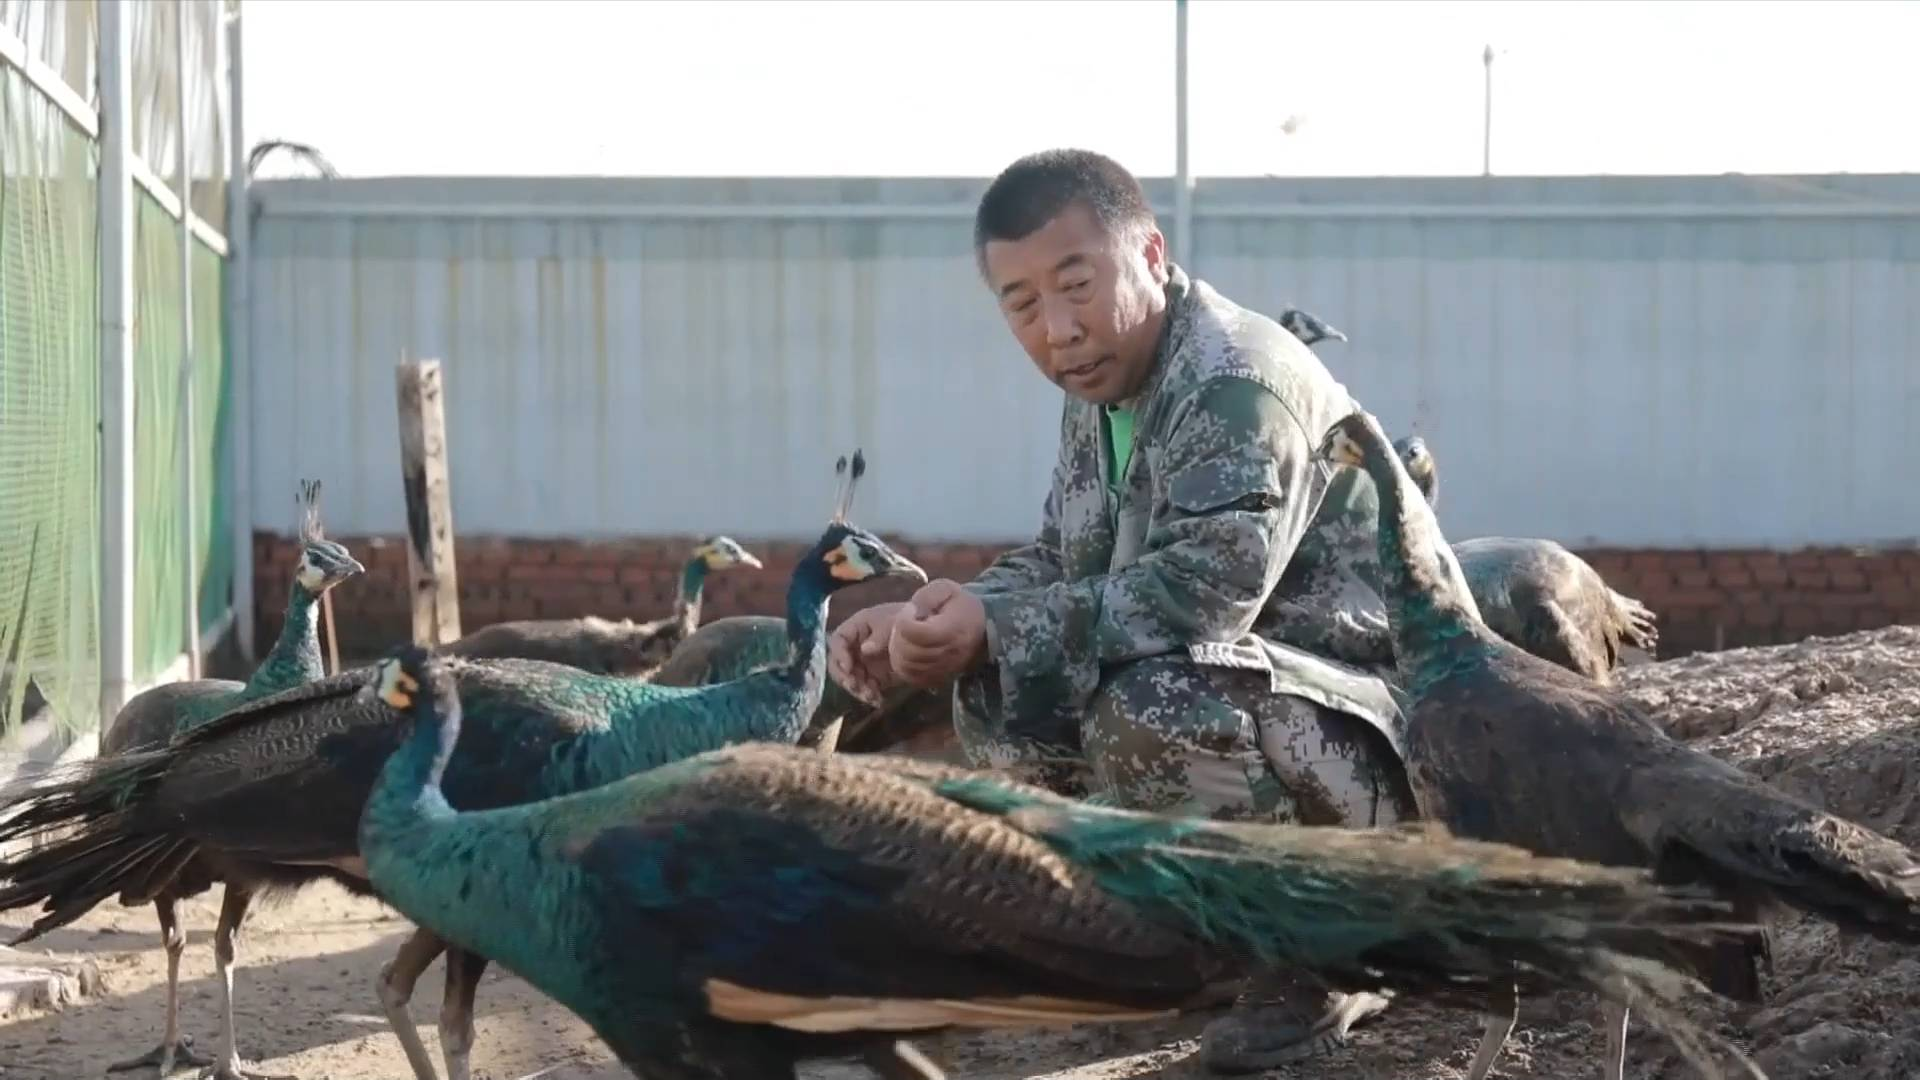 GLOBALink | Volunteer spends decade protecting migratory birds